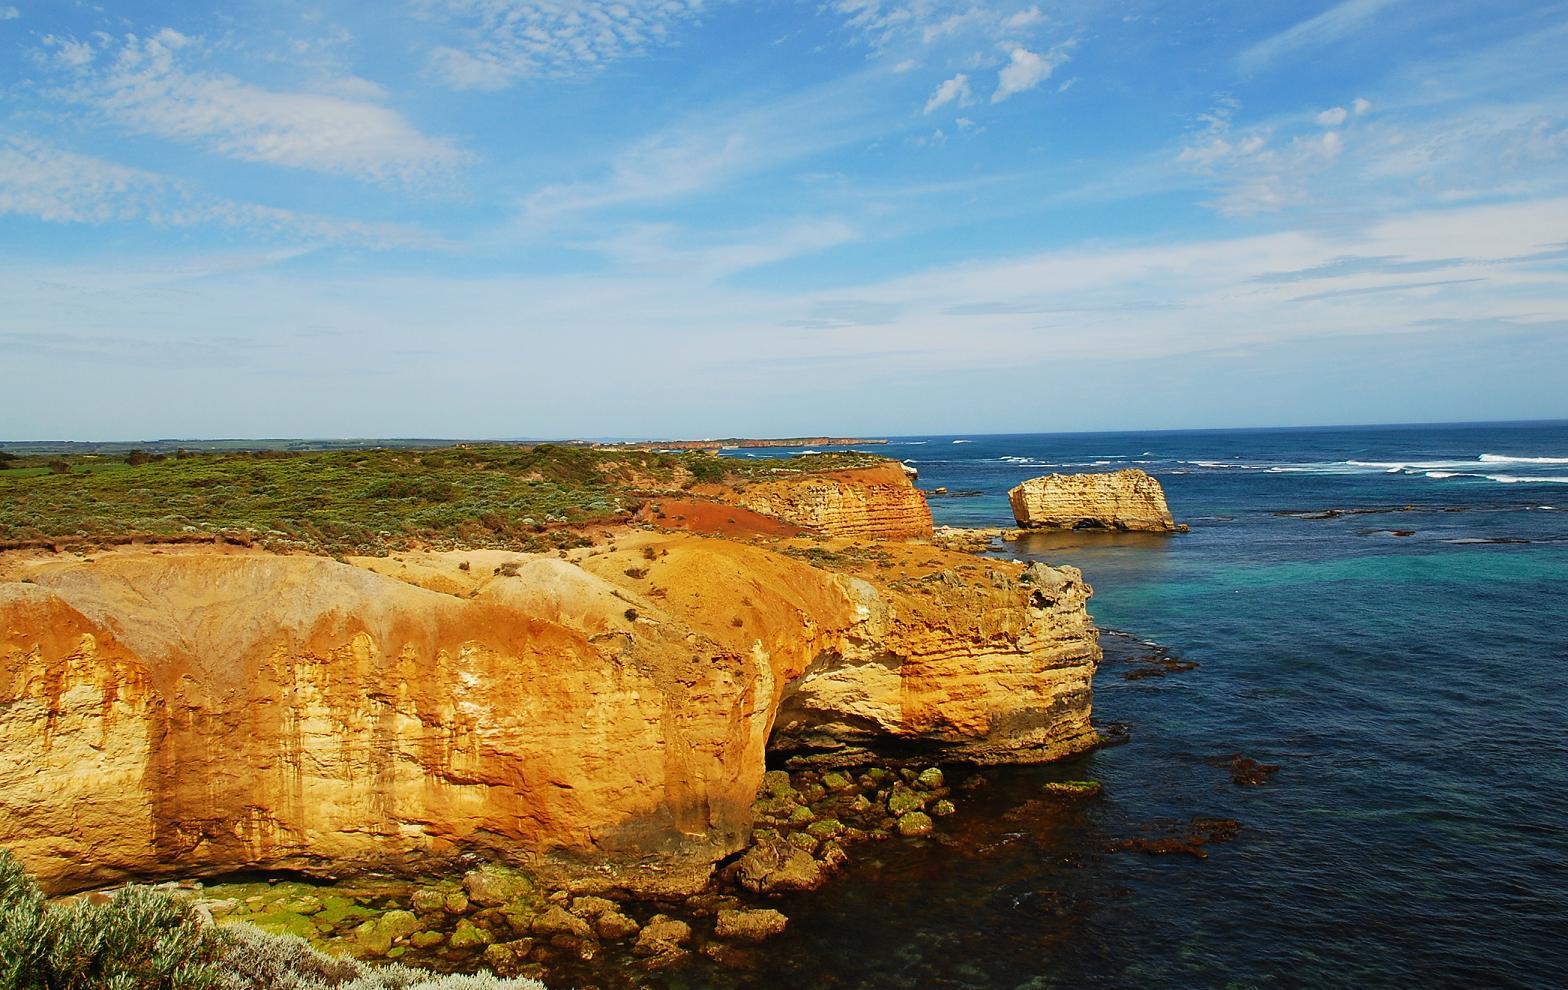 澳大利亚东海岸16天自助游全纪录 - 墨尔本/大洋路